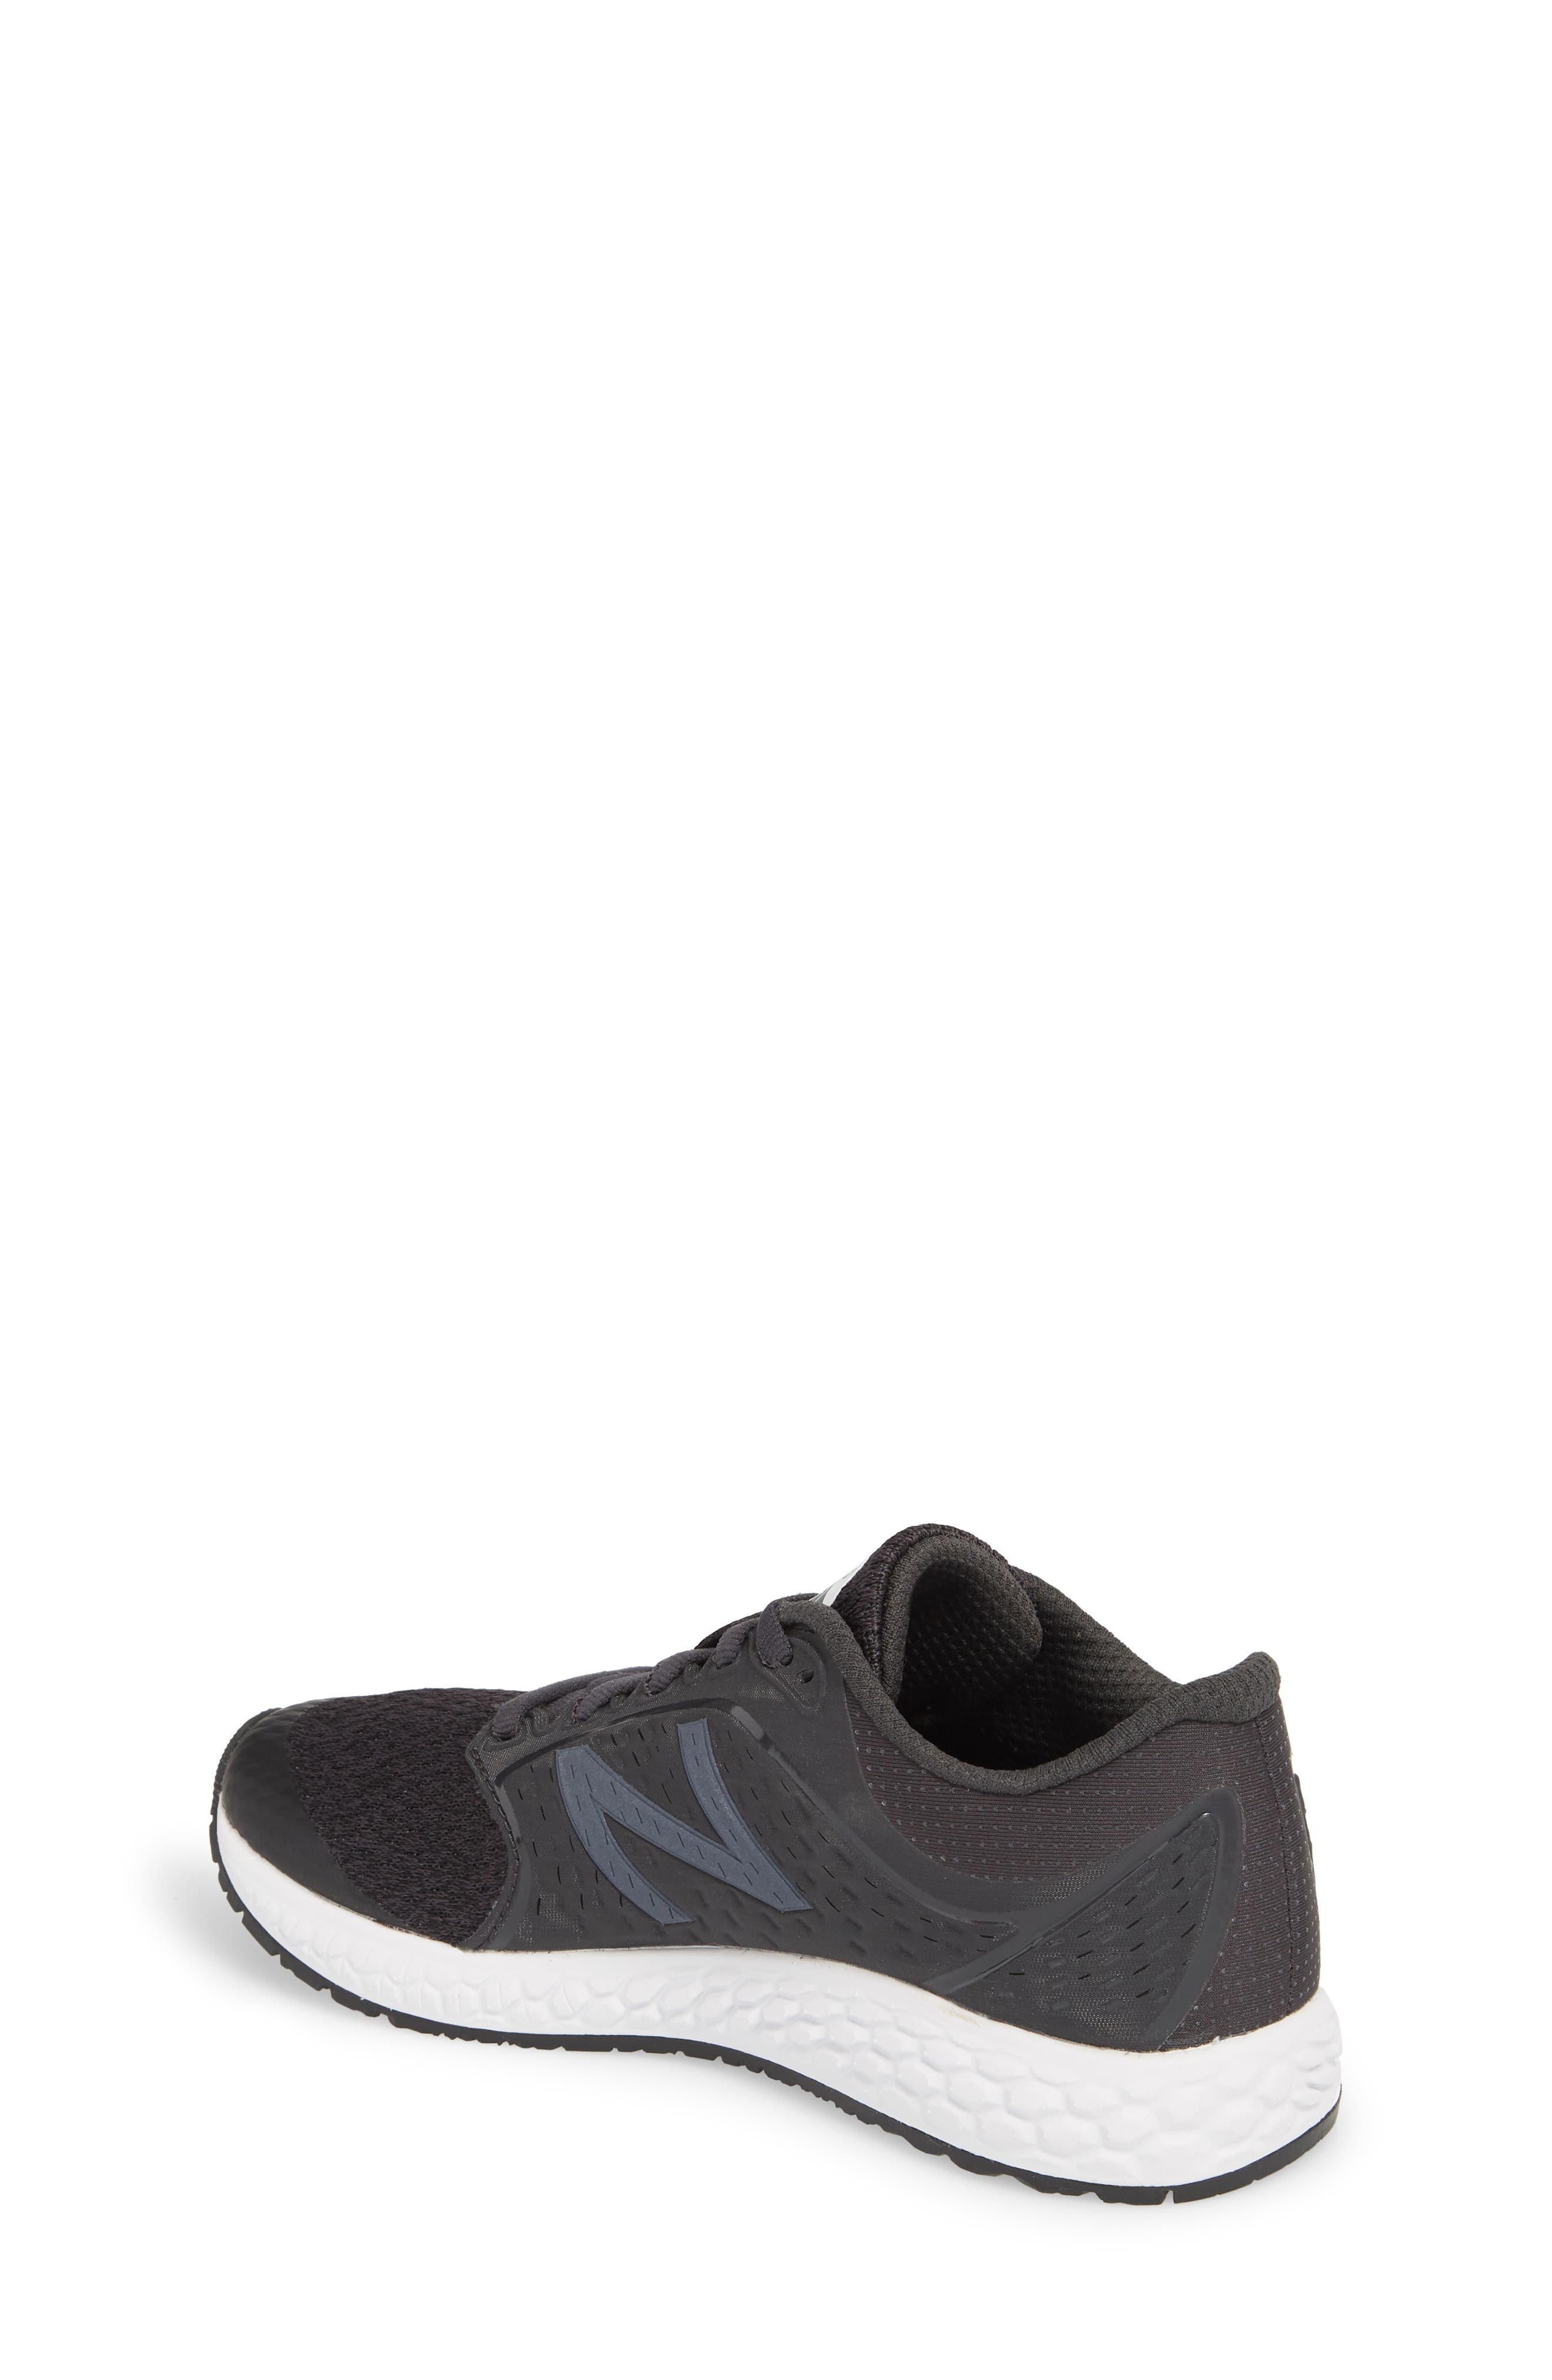 Fresh Foam Zante v4 Running Shoe,                             Alternate thumbnail 2, color,                             001